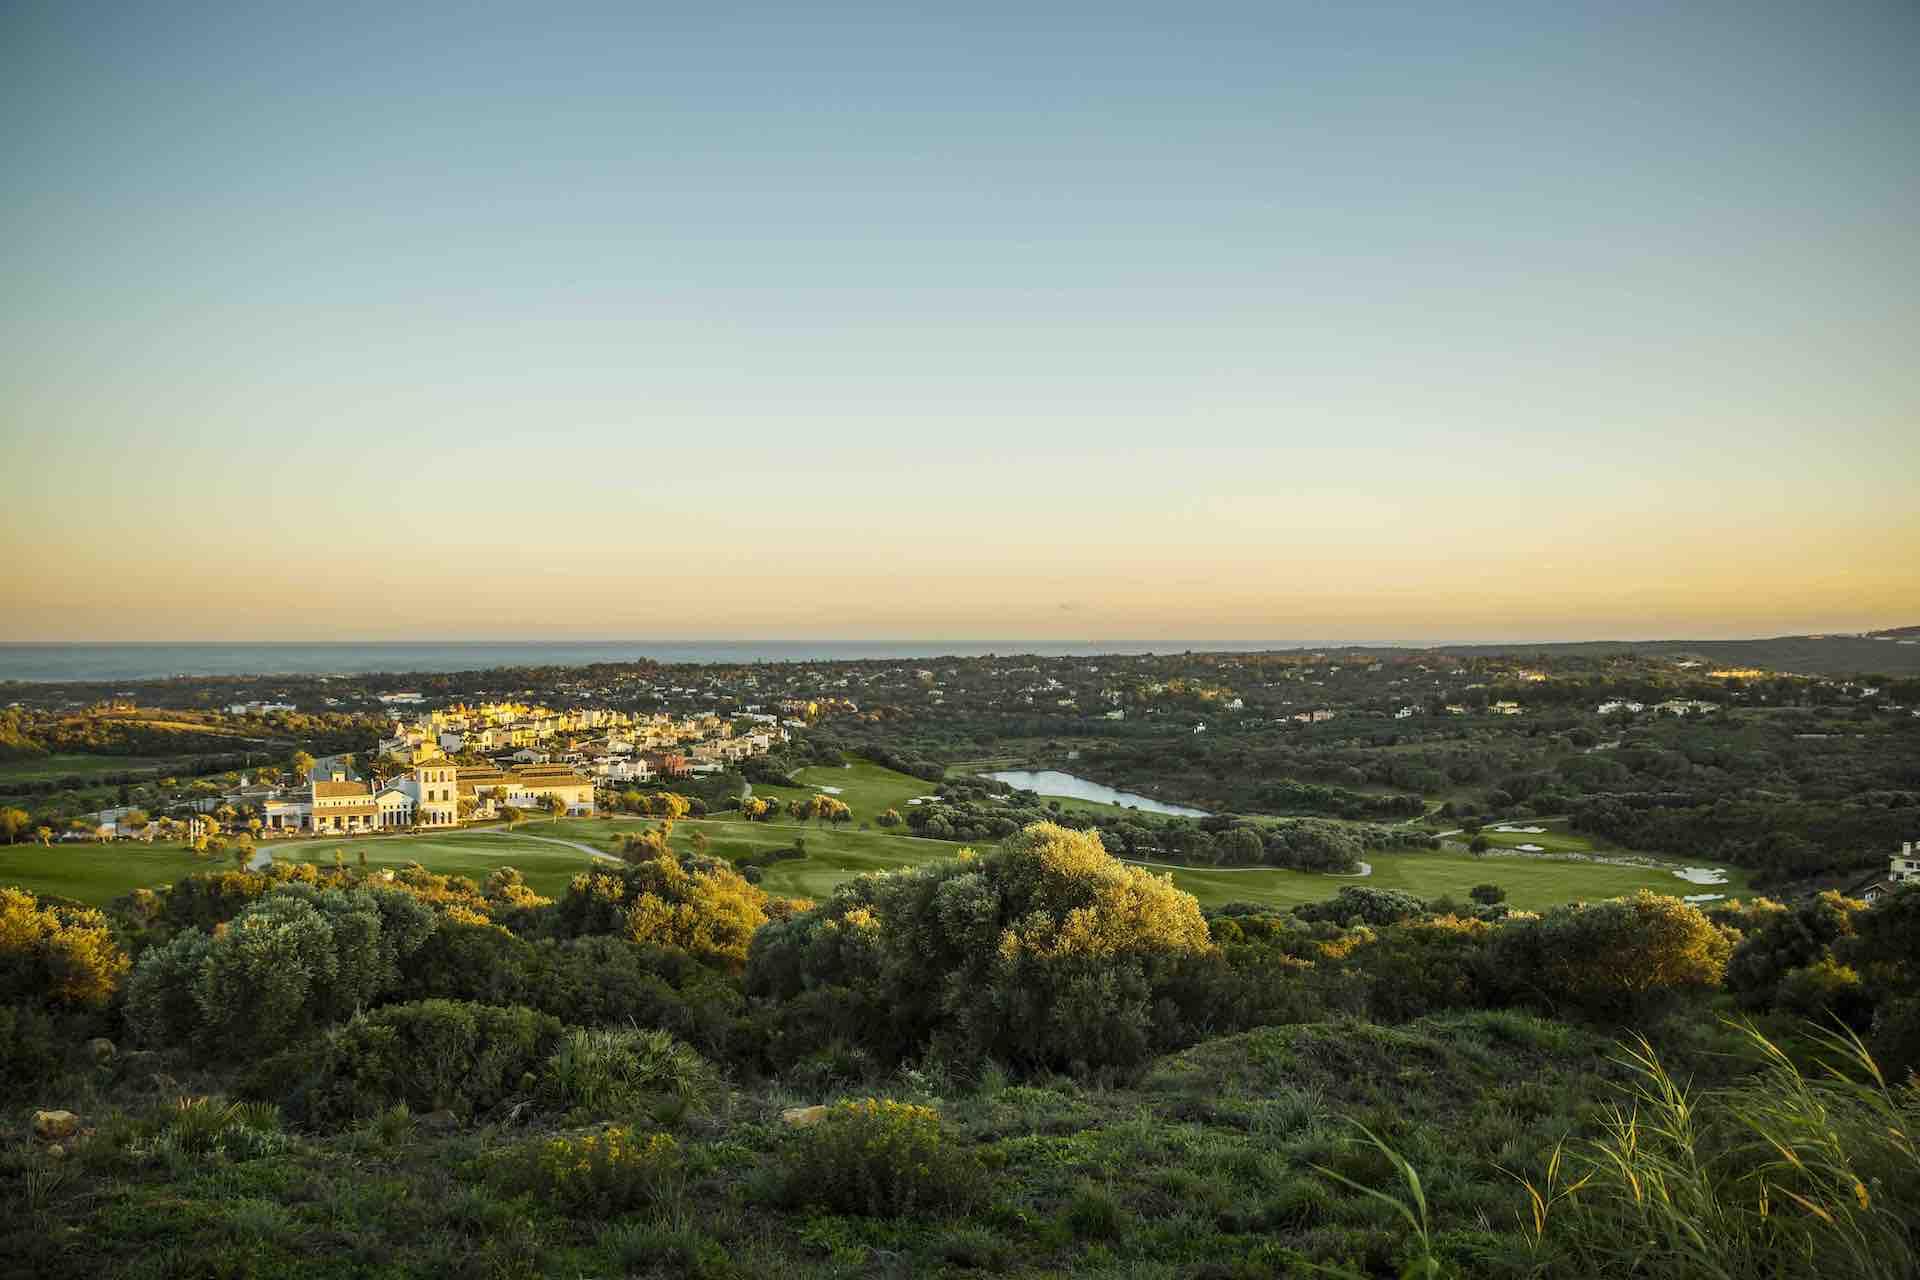 La Reserva Club praised in duo of highly regarded golf resort rankings